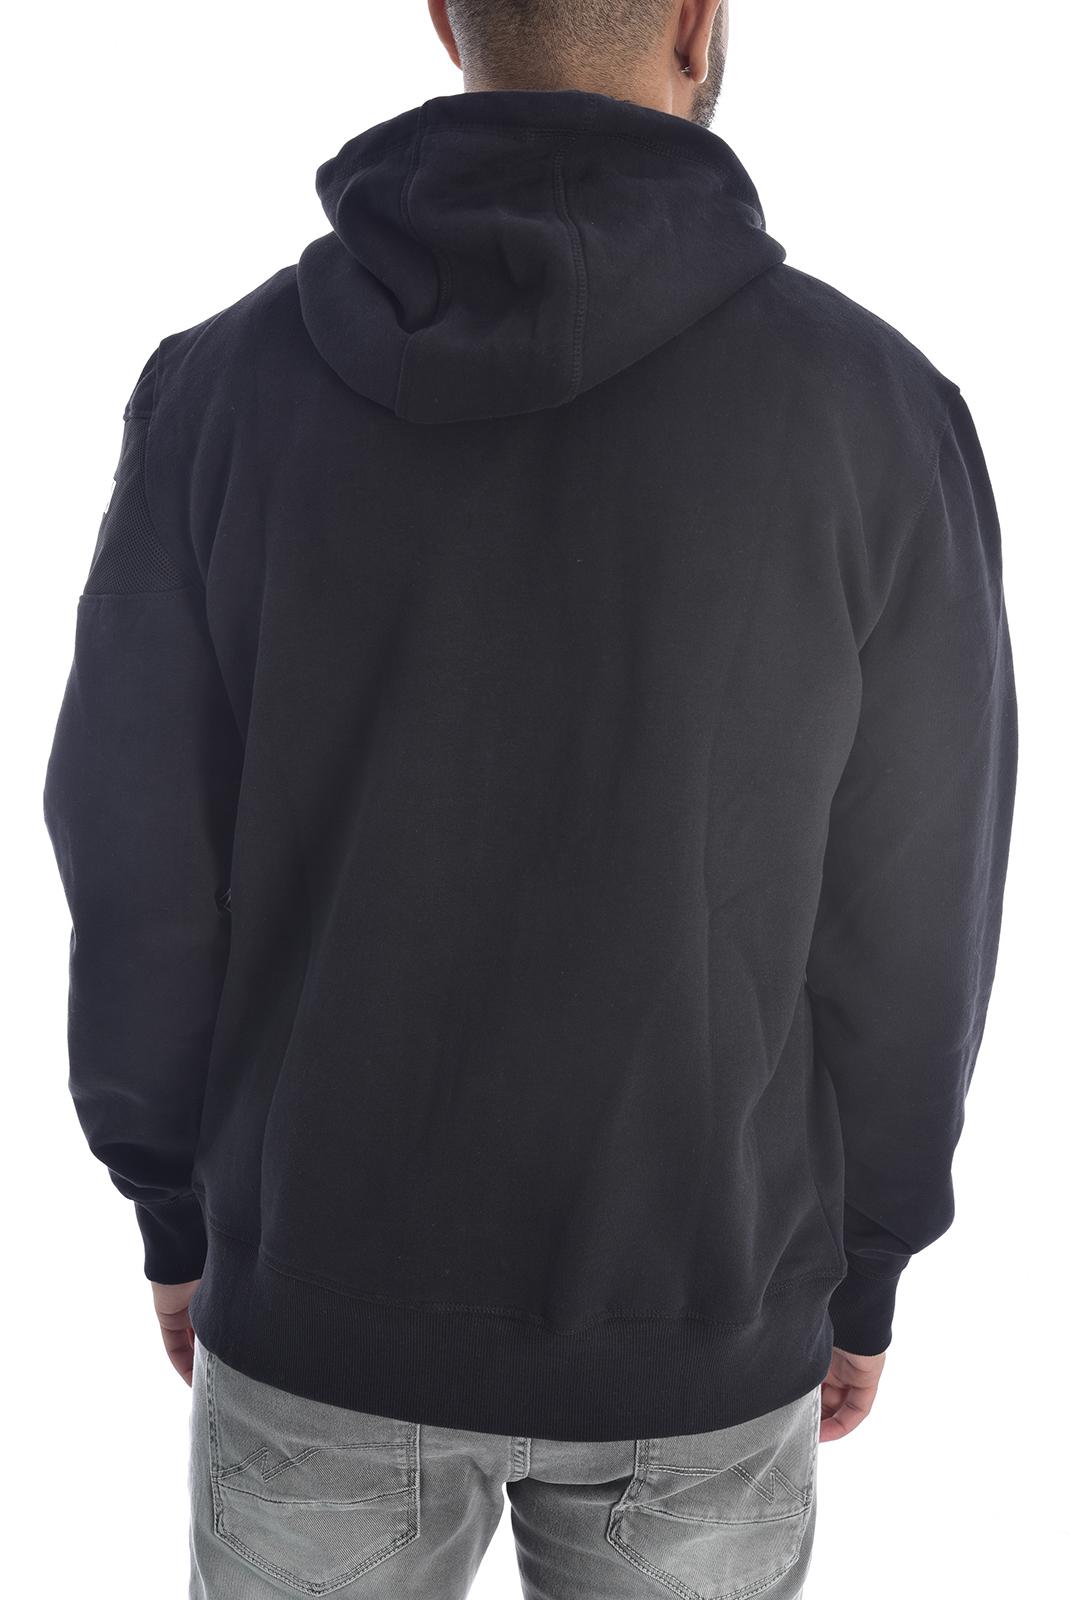 Pulls & Gilets  Kaporal OLIVE BLACK